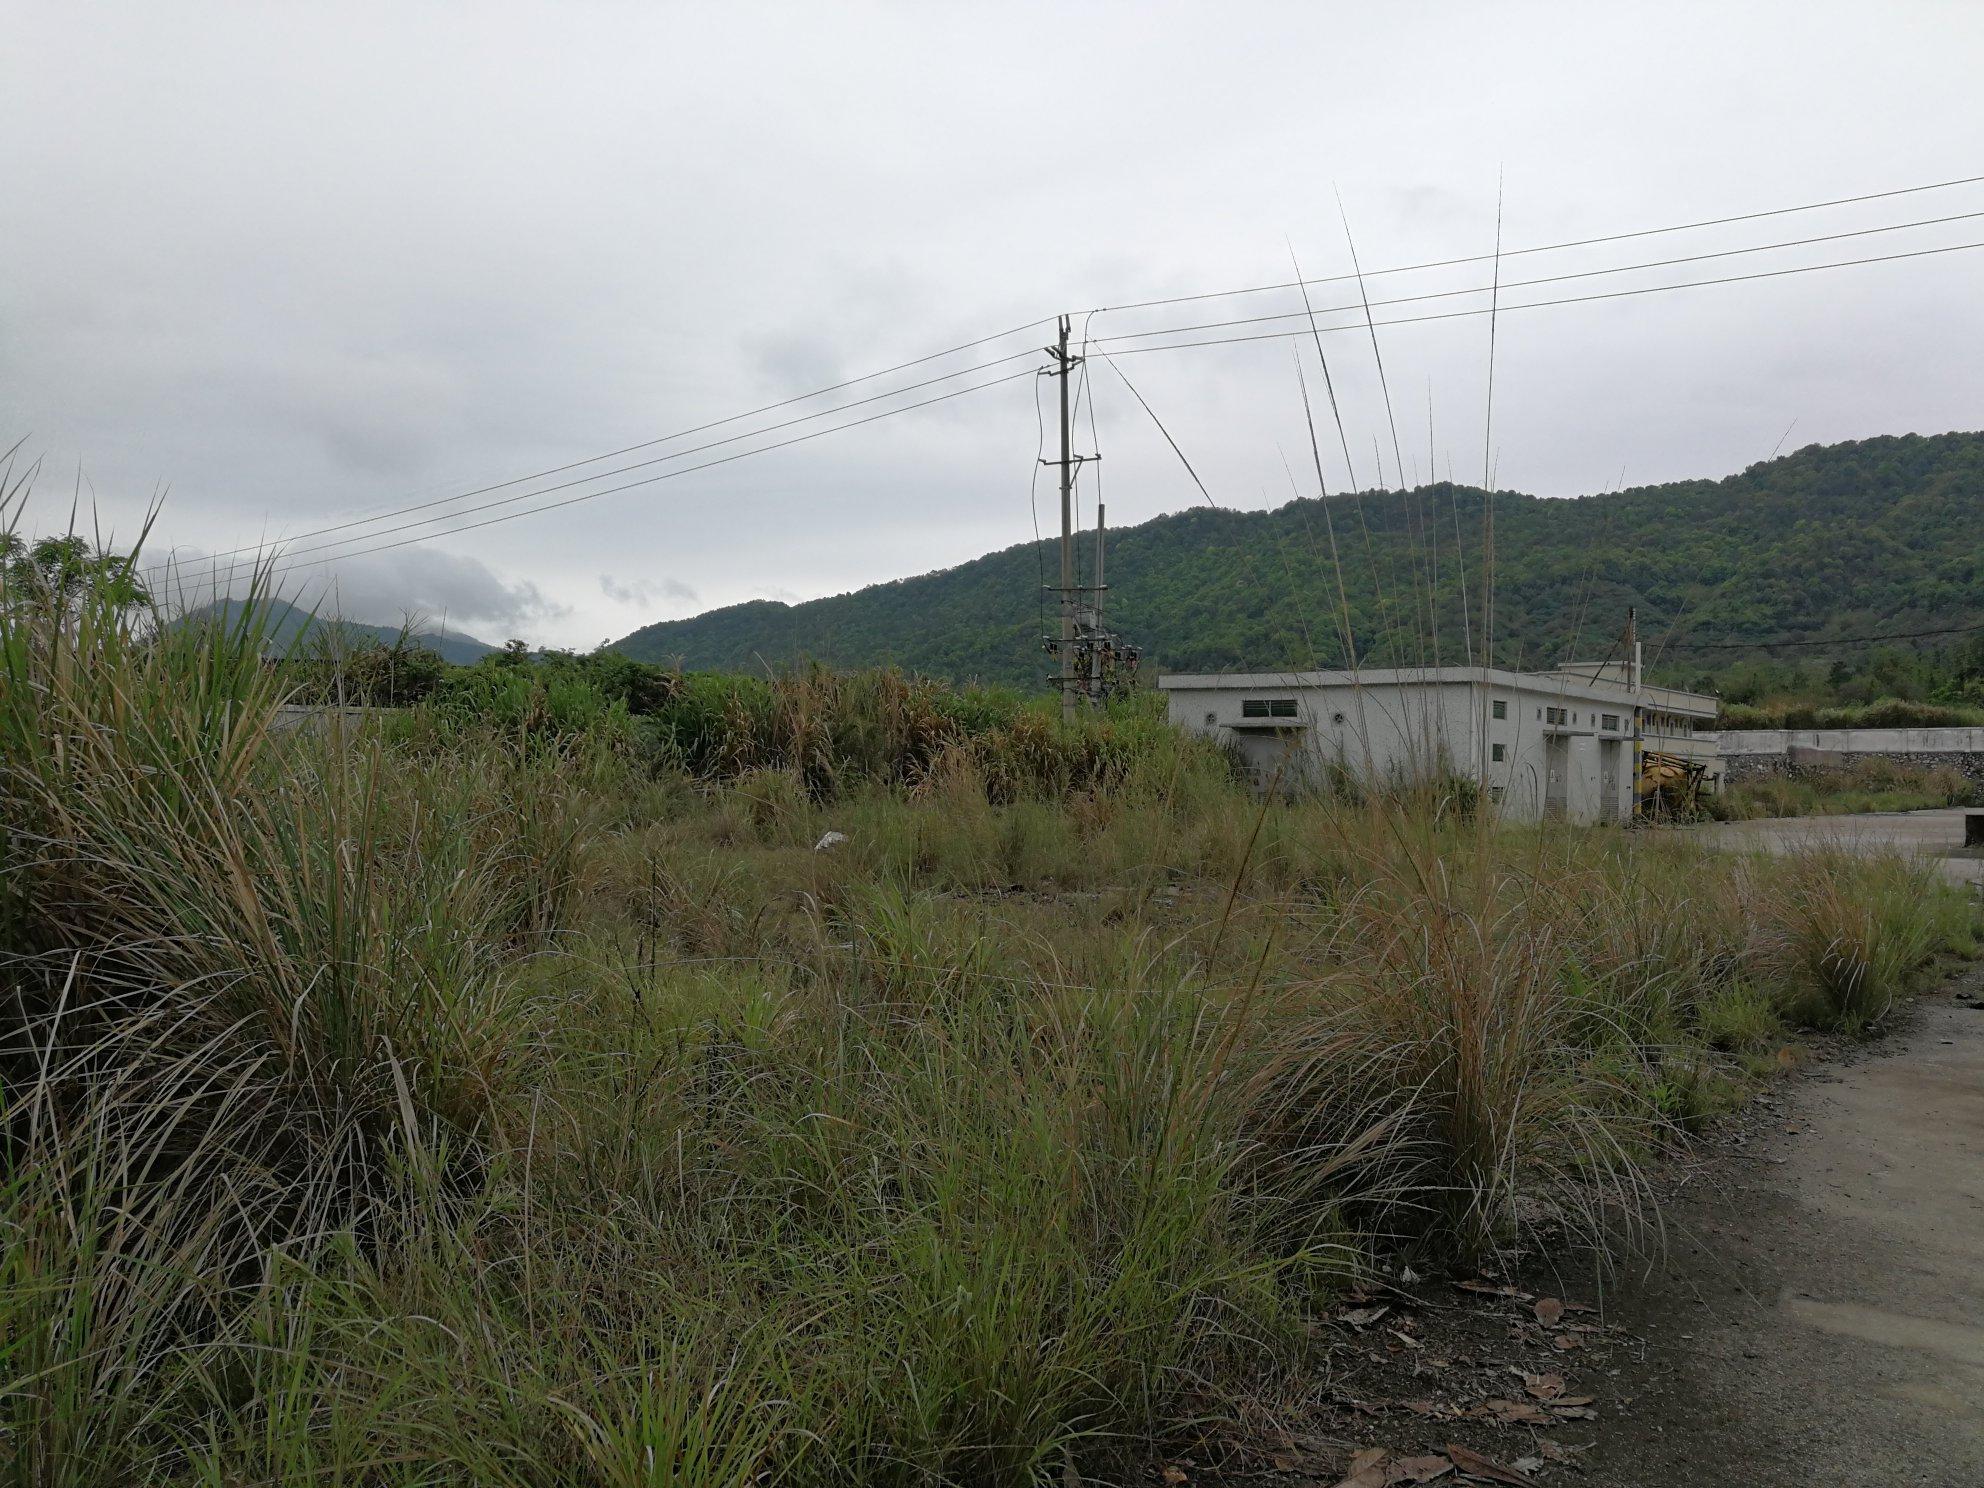 文化旅游业投资客户看过来从化温泉大道边500亩农地出售位置好